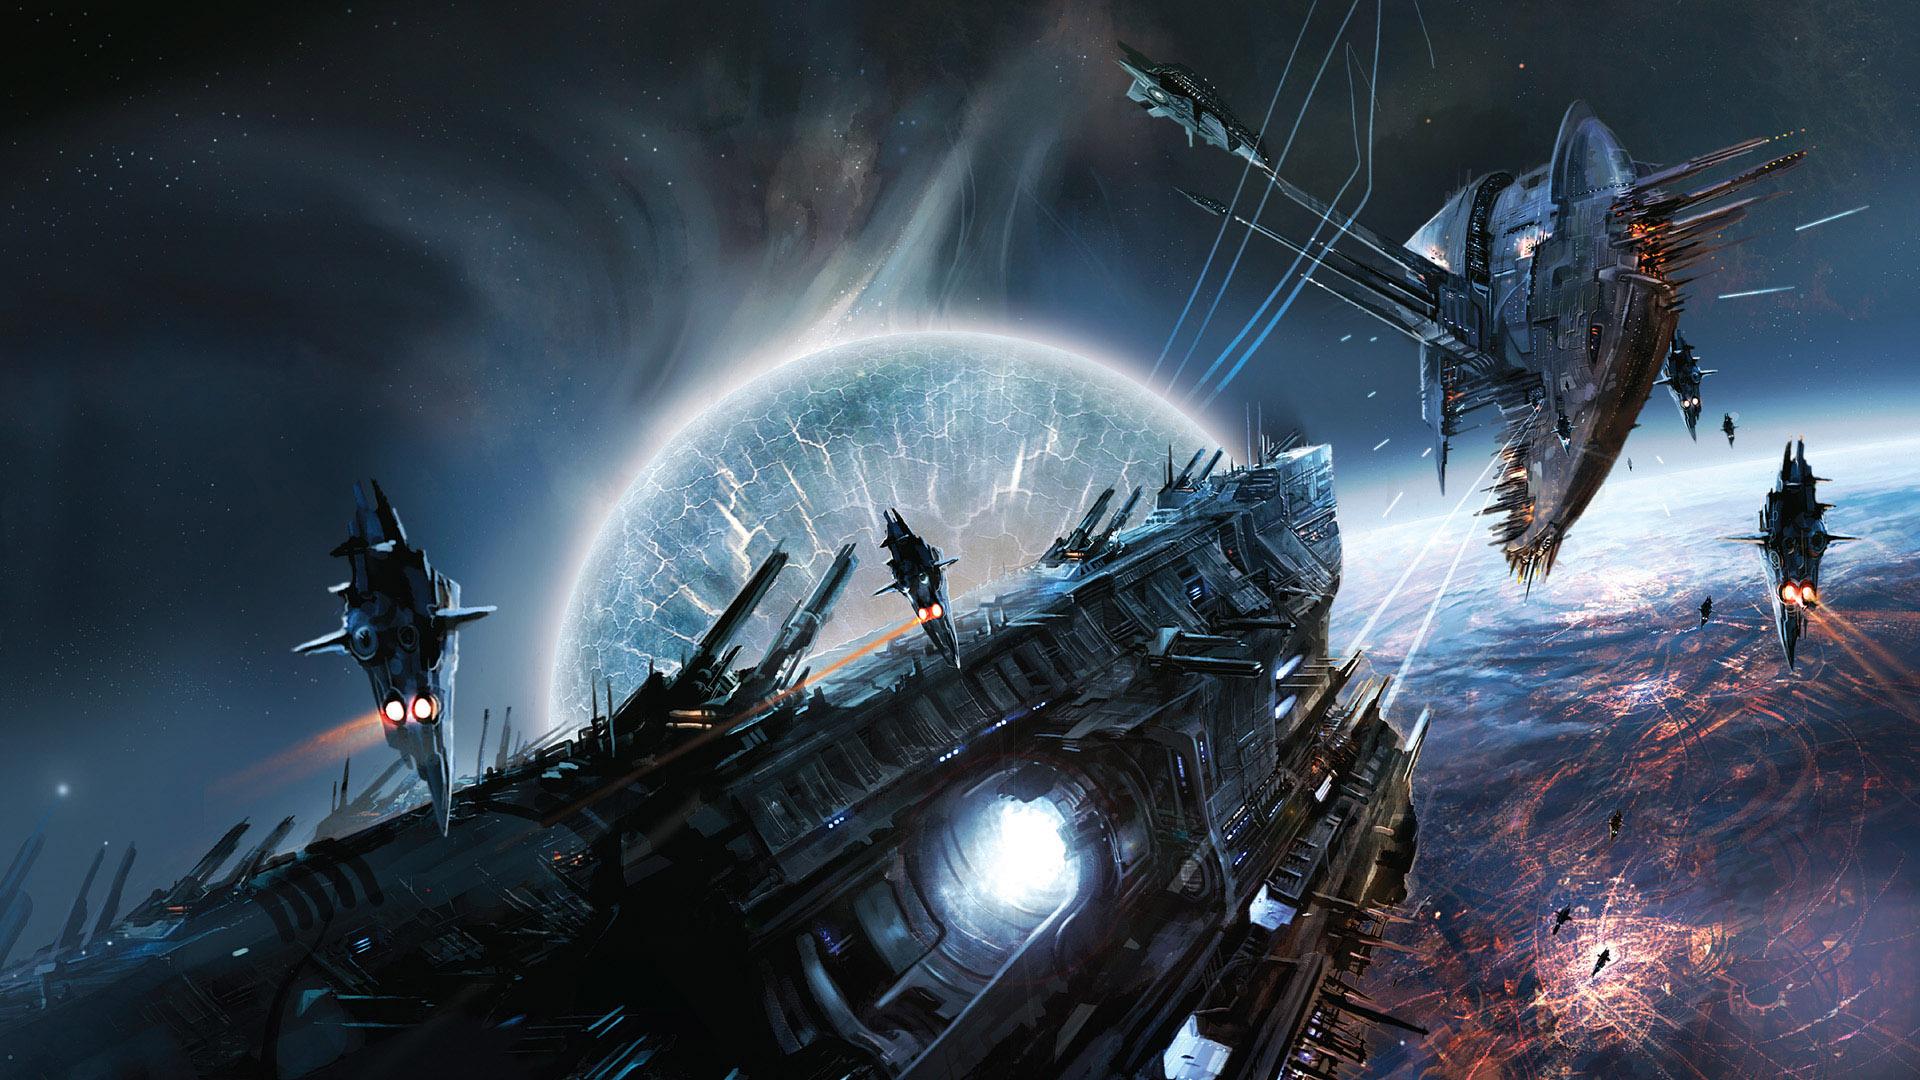 space war jeu de scène fonds d'écran fonds d'écran hd